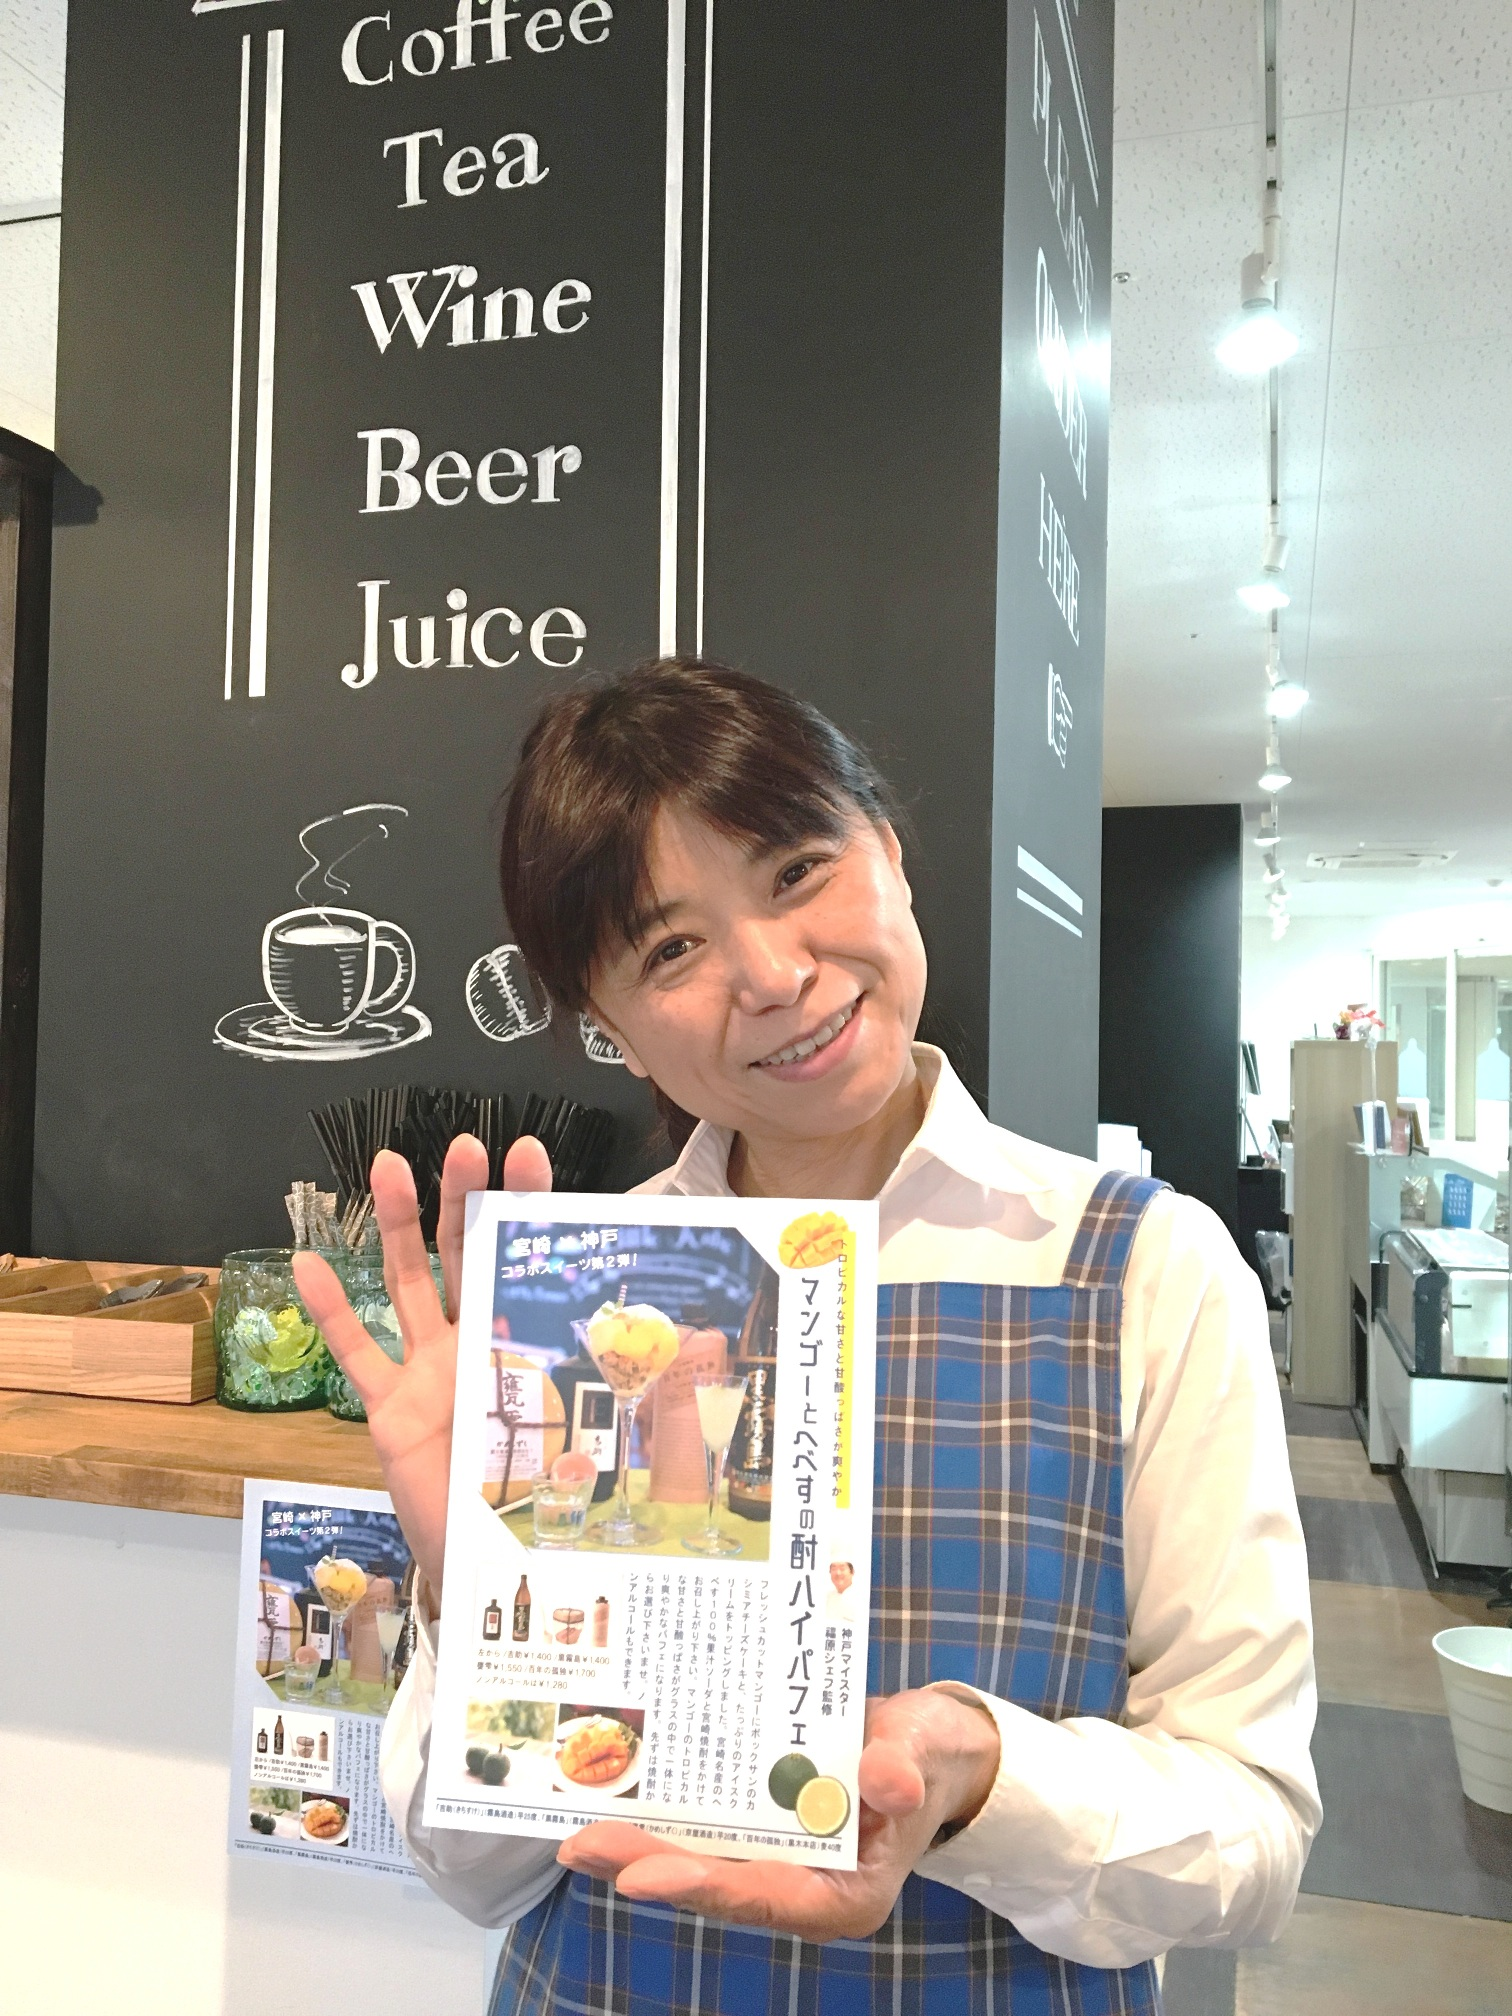 [美術館連携グルメ情報]リトル神戸さんに宮崎×神戸コラボスイーツ登場! 半券チケットで特割サービスがあります